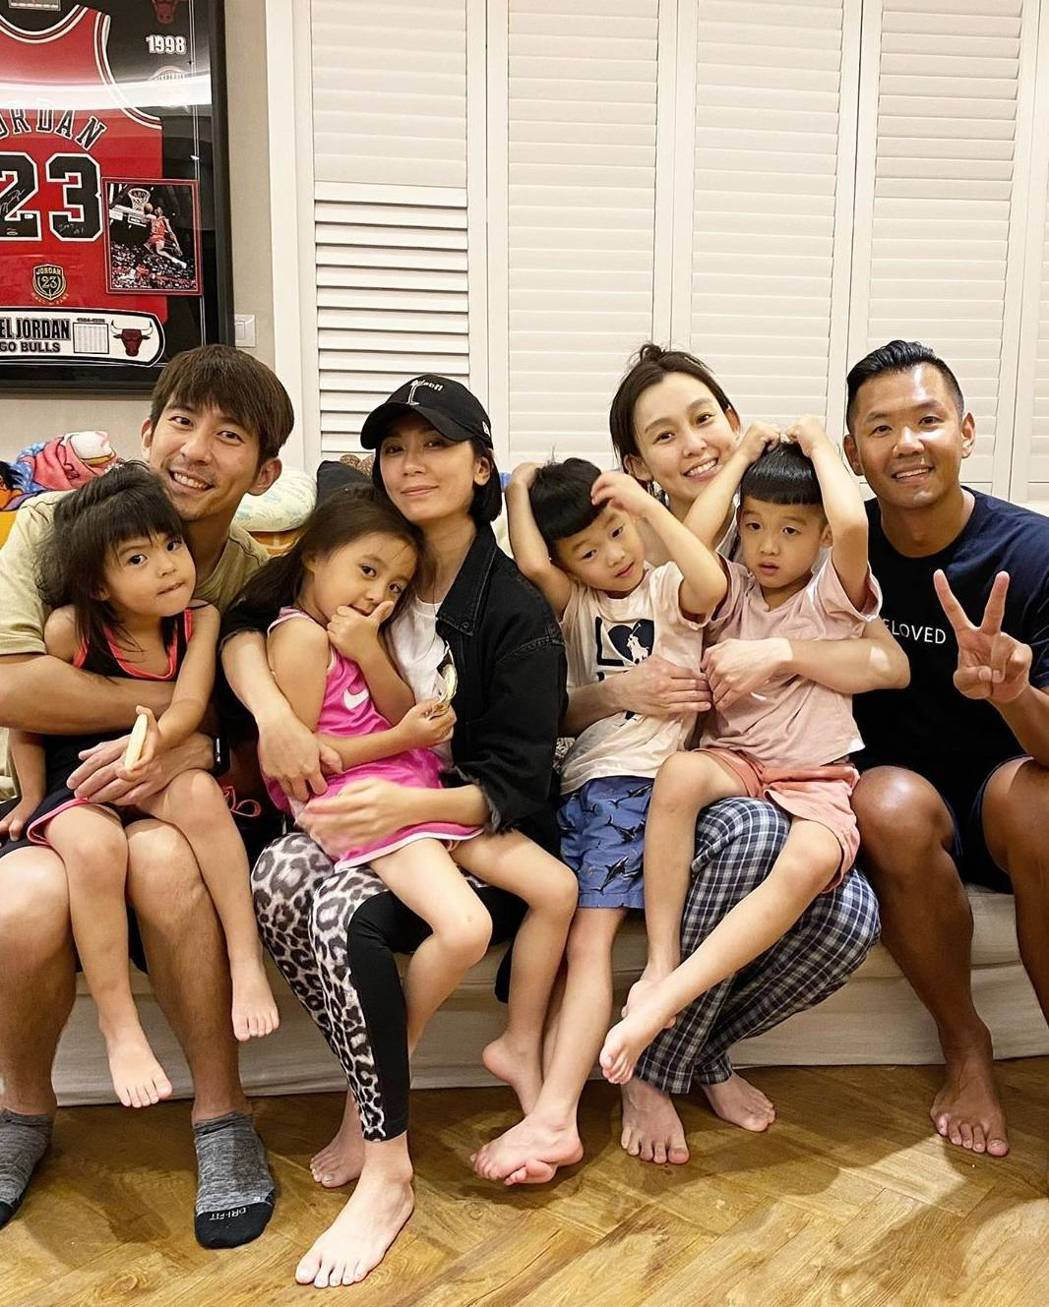 陳建州(右起)、范瑋琪、賈靜雯、修杰楷兩家人齊聚。圖/截圖自IG